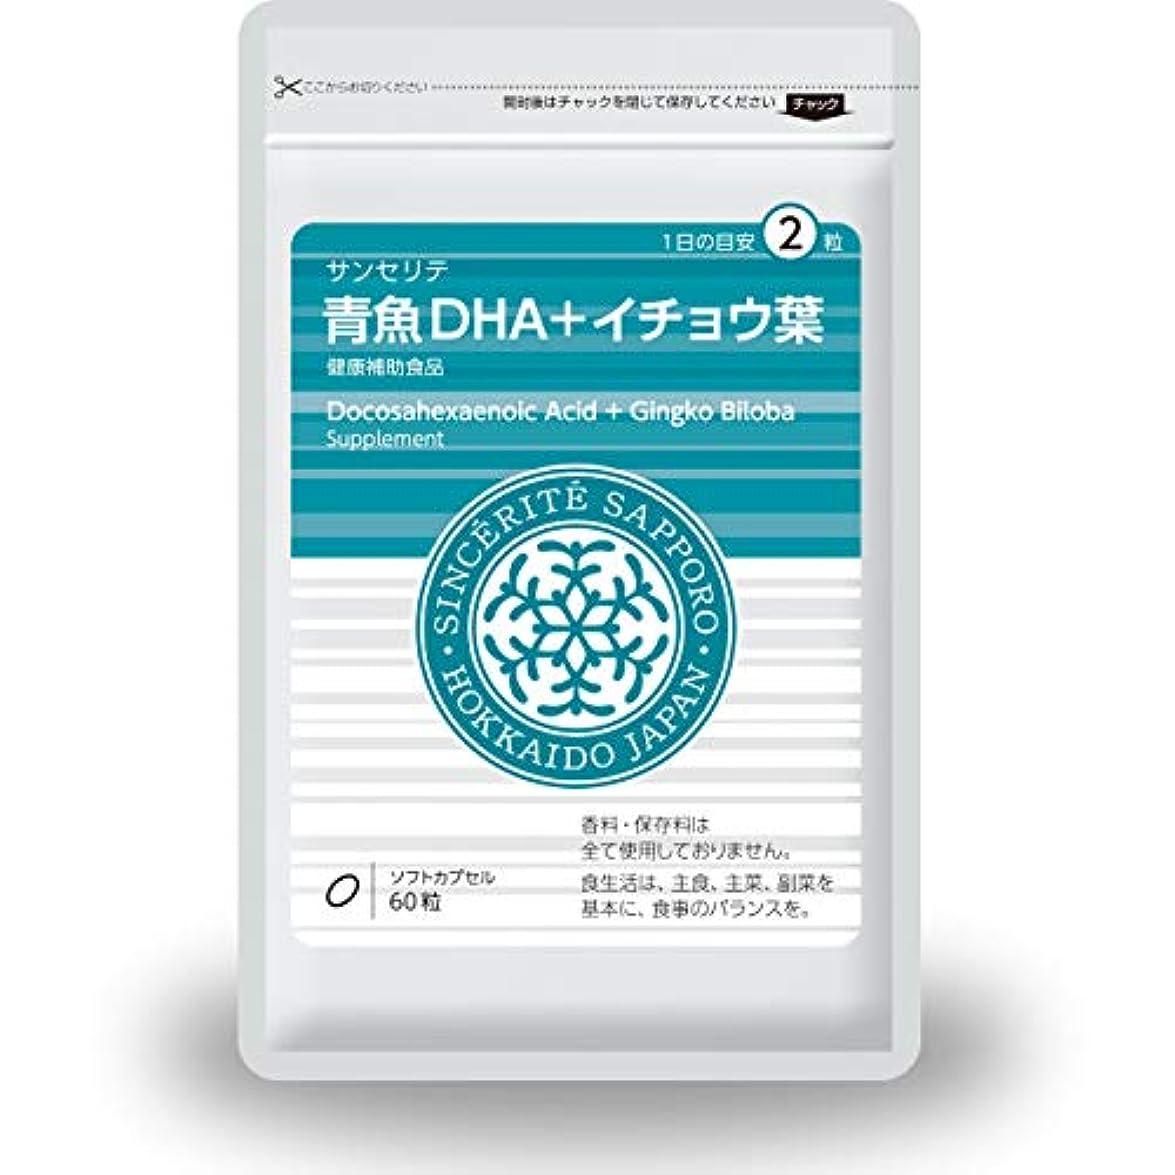 アシストペストリー裂け目青魚DHA+イチョウ葉 [DHA]101mg配合[国内製造]しっかり30日分